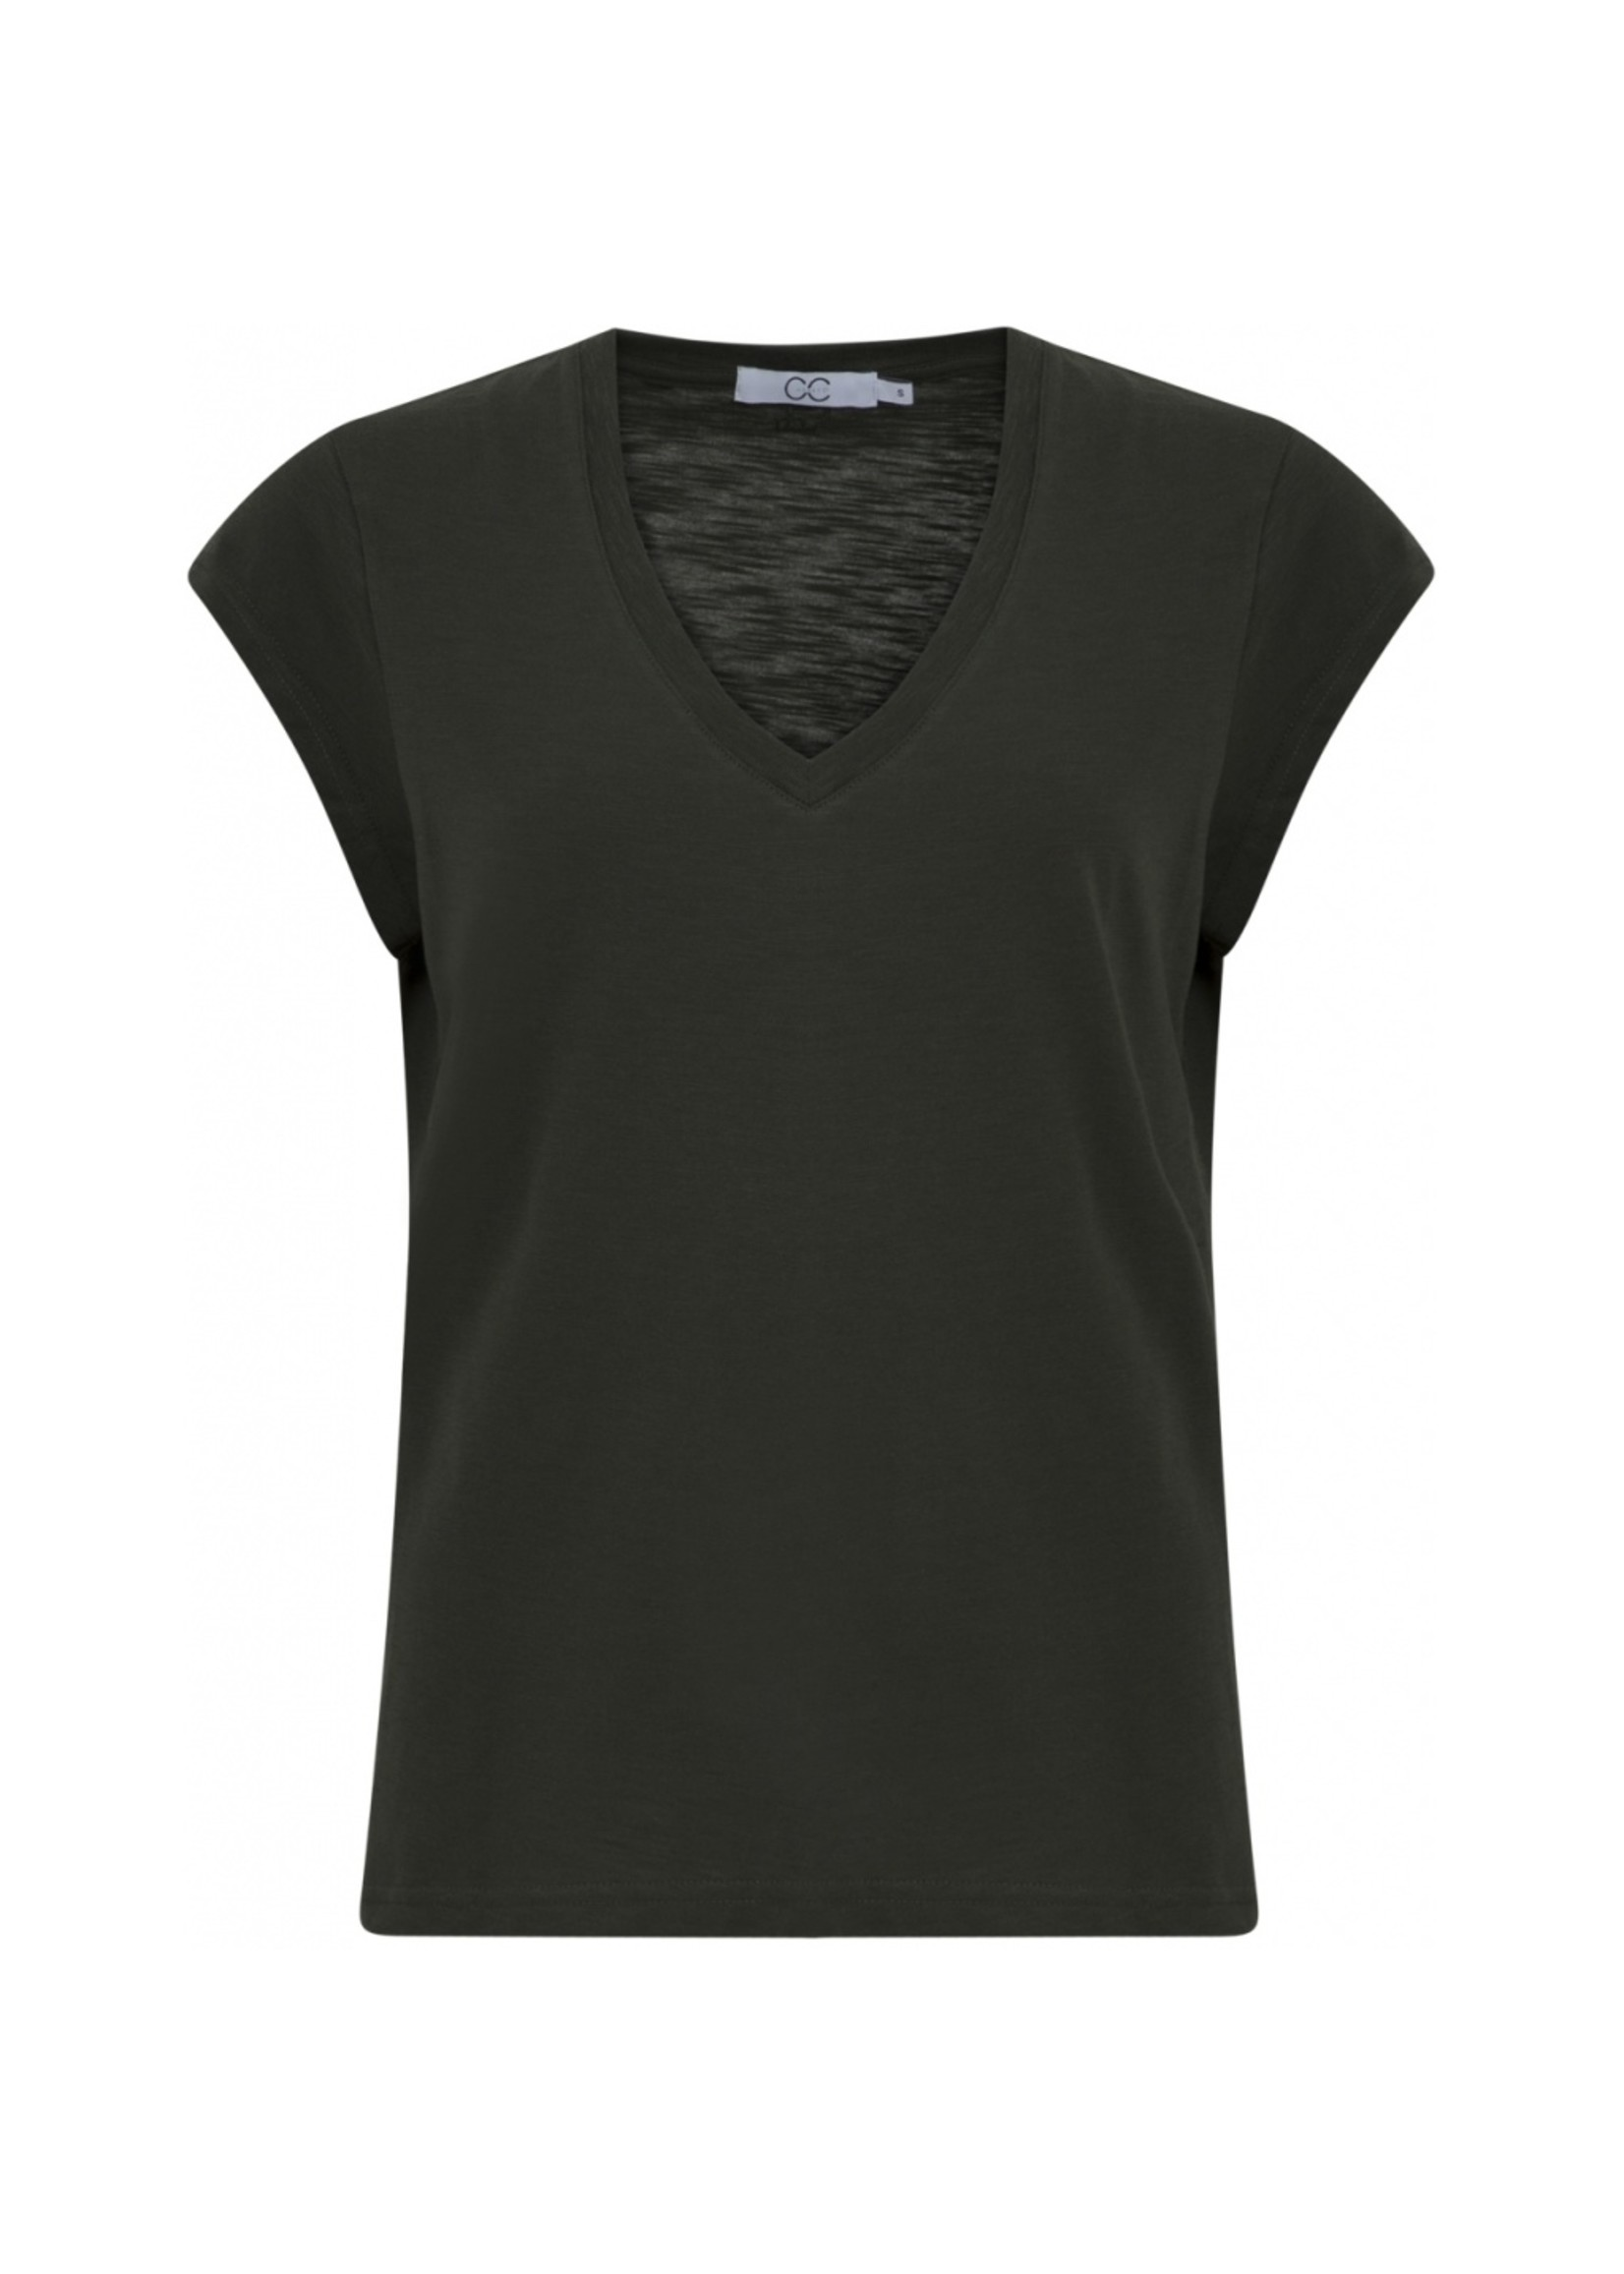 Coster Copenhagen Heart basic v-neck t-shirt HG